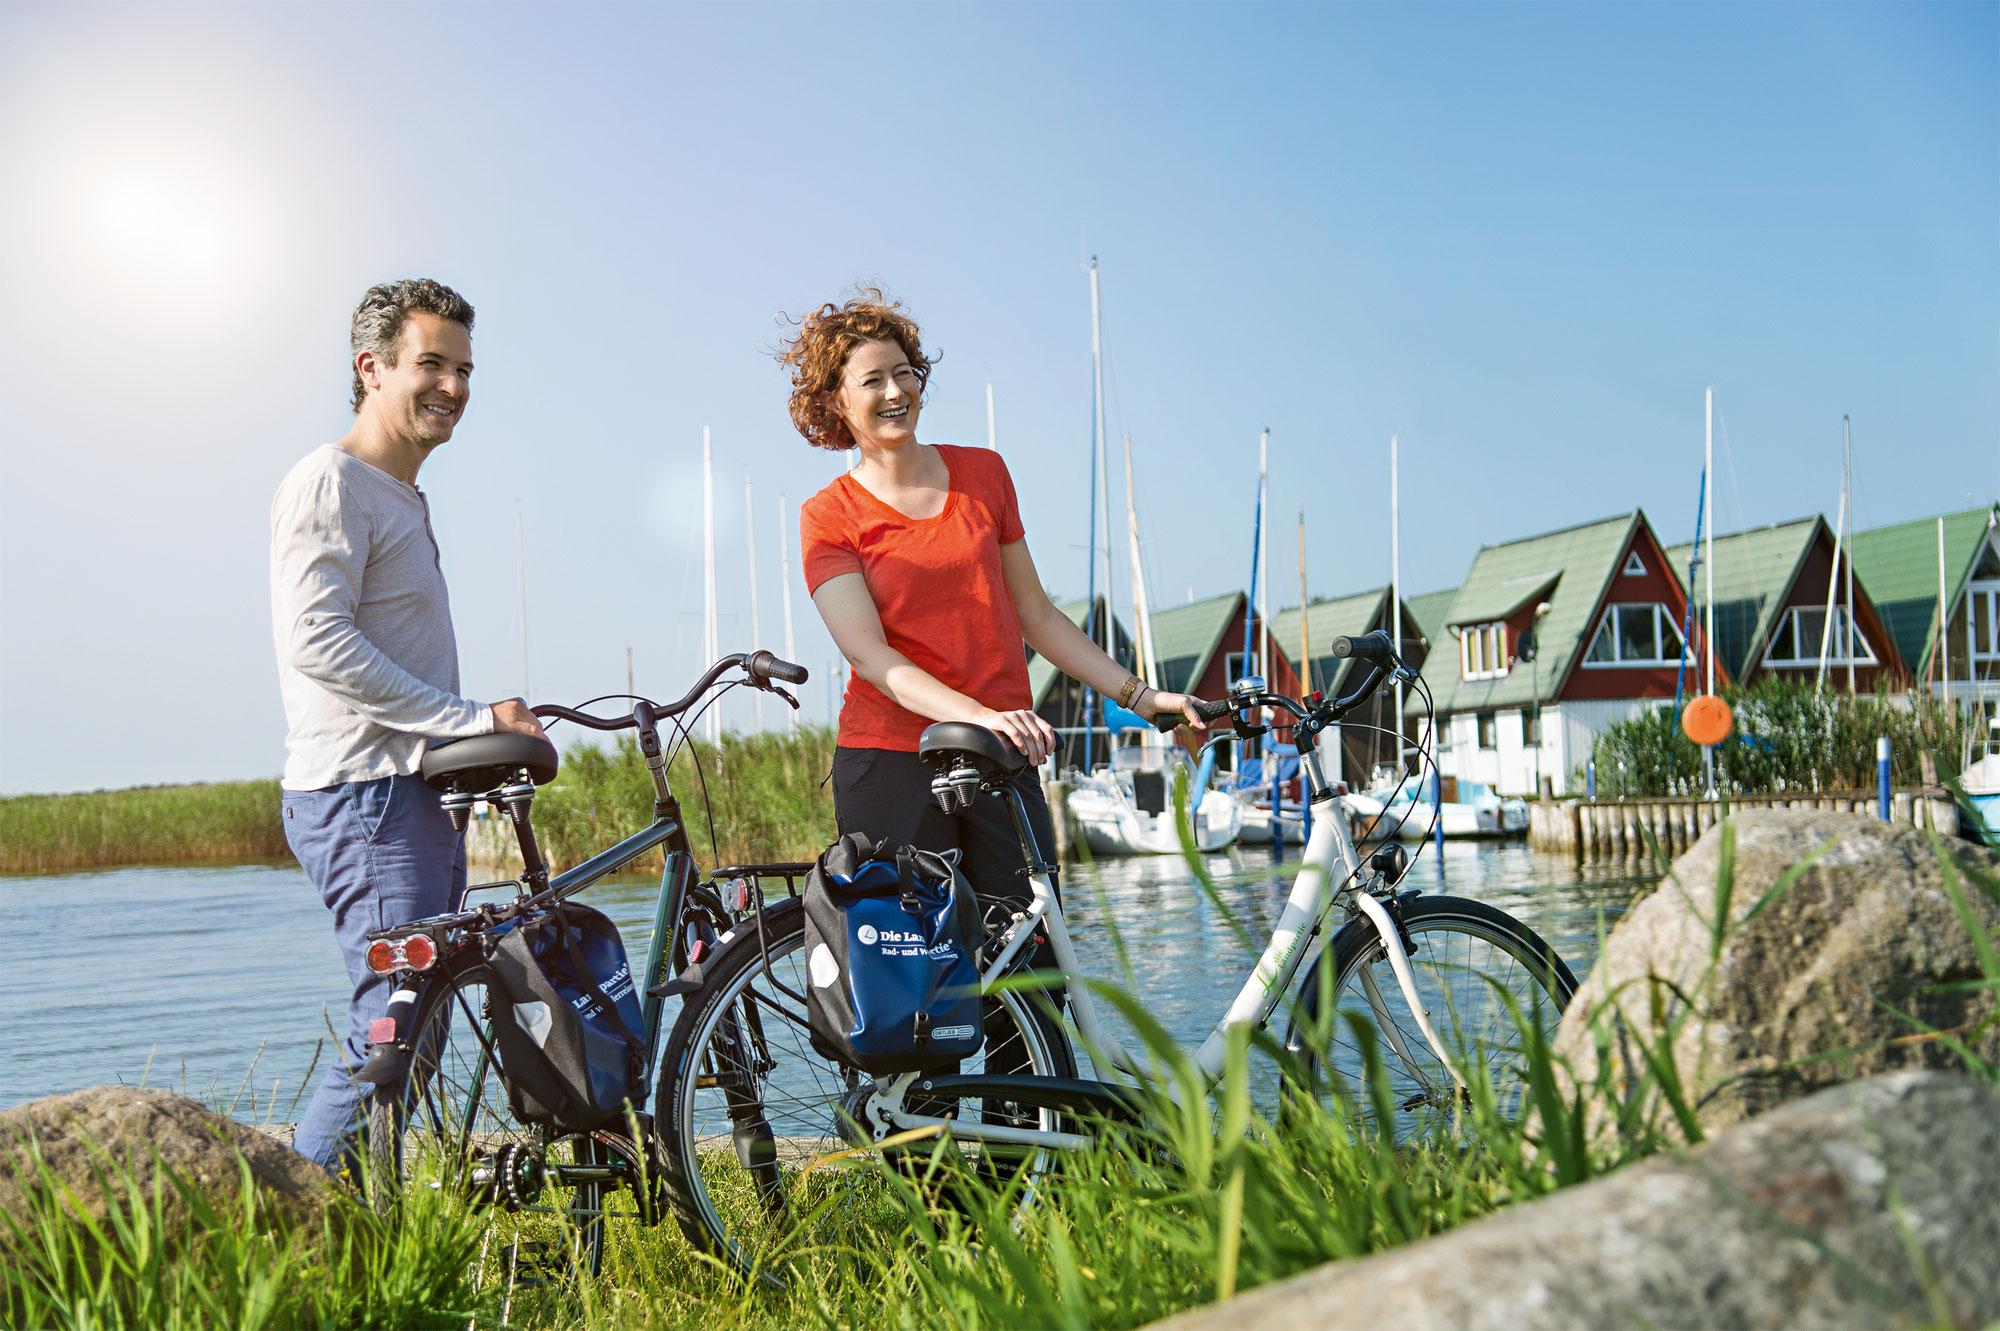 Europäischer Tag des Fahrrads am 3. Juni 2021 - Die Landpartie Radeln und Reisen startet in die Radreisesaison